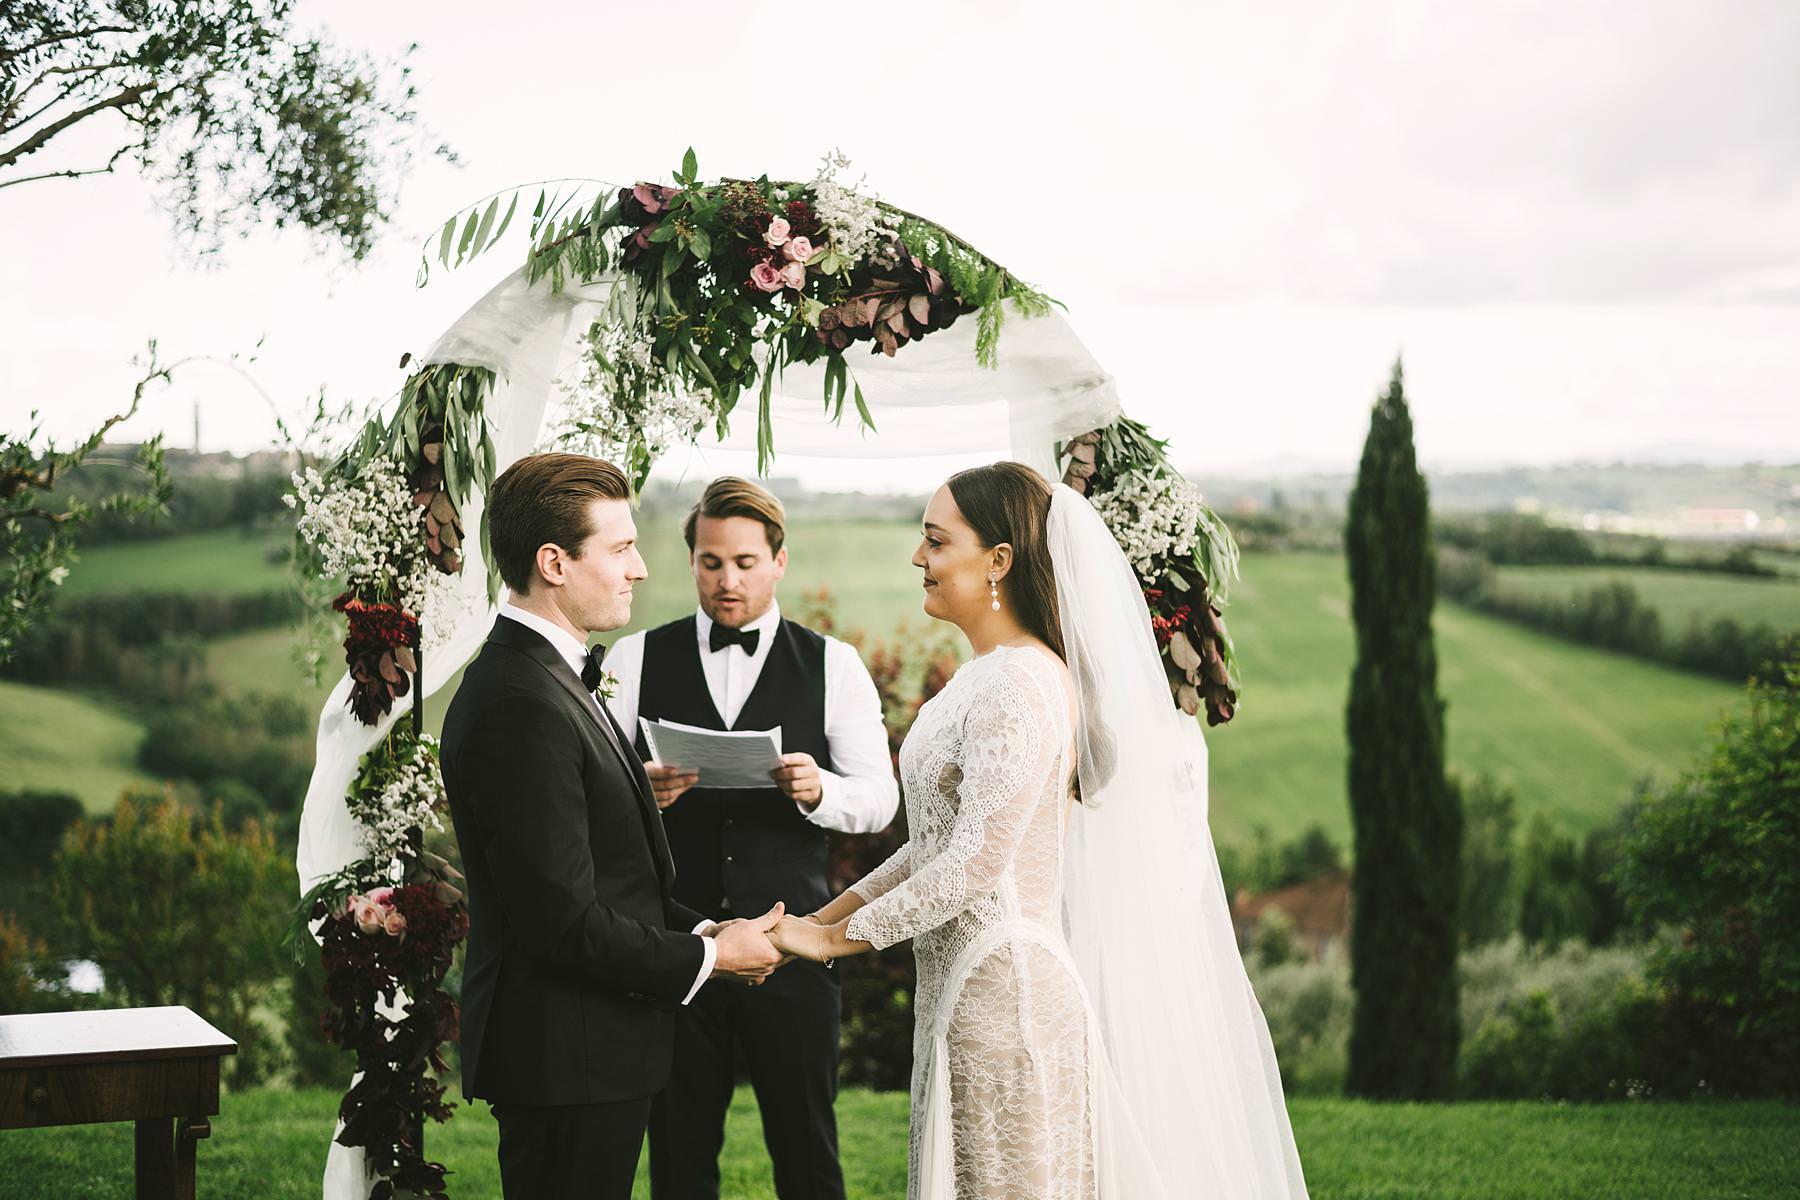 Outdoor intimate destination wedding in Umbria at Villa l'Antica Posta